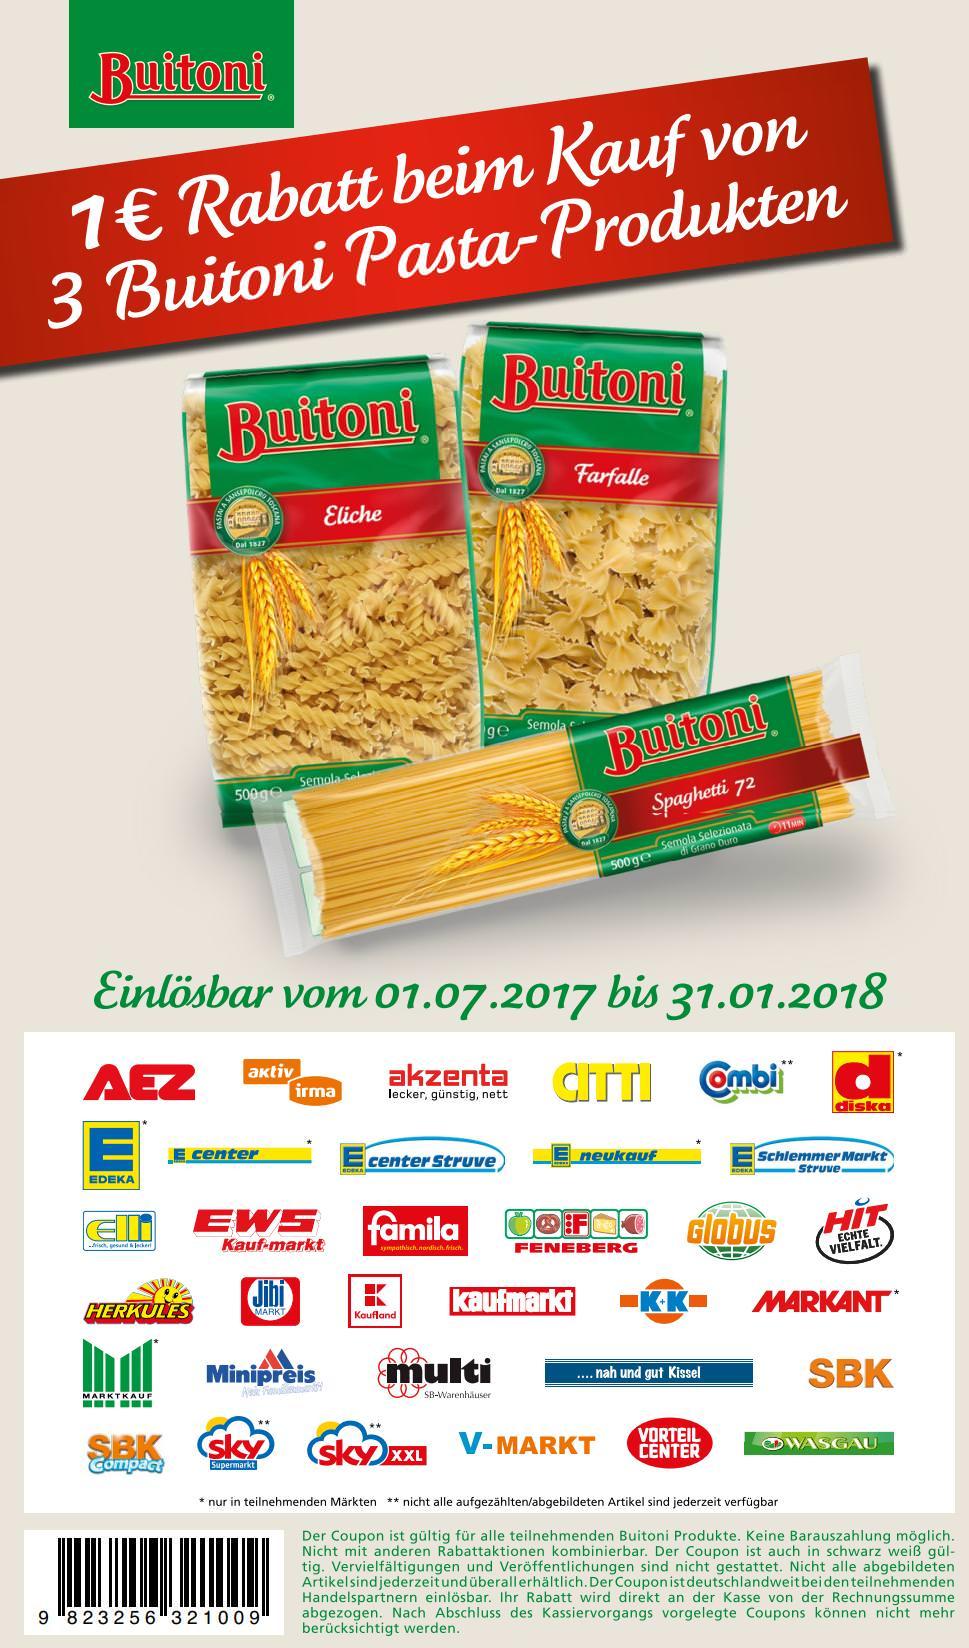 [Bundesweit] Neuer 1,00€ Sofort-Rabatt-Coupon für den Kauf von 3 Buitoni Pasta-Produkten bis 31.01.2018 [zum Ausdrucken]